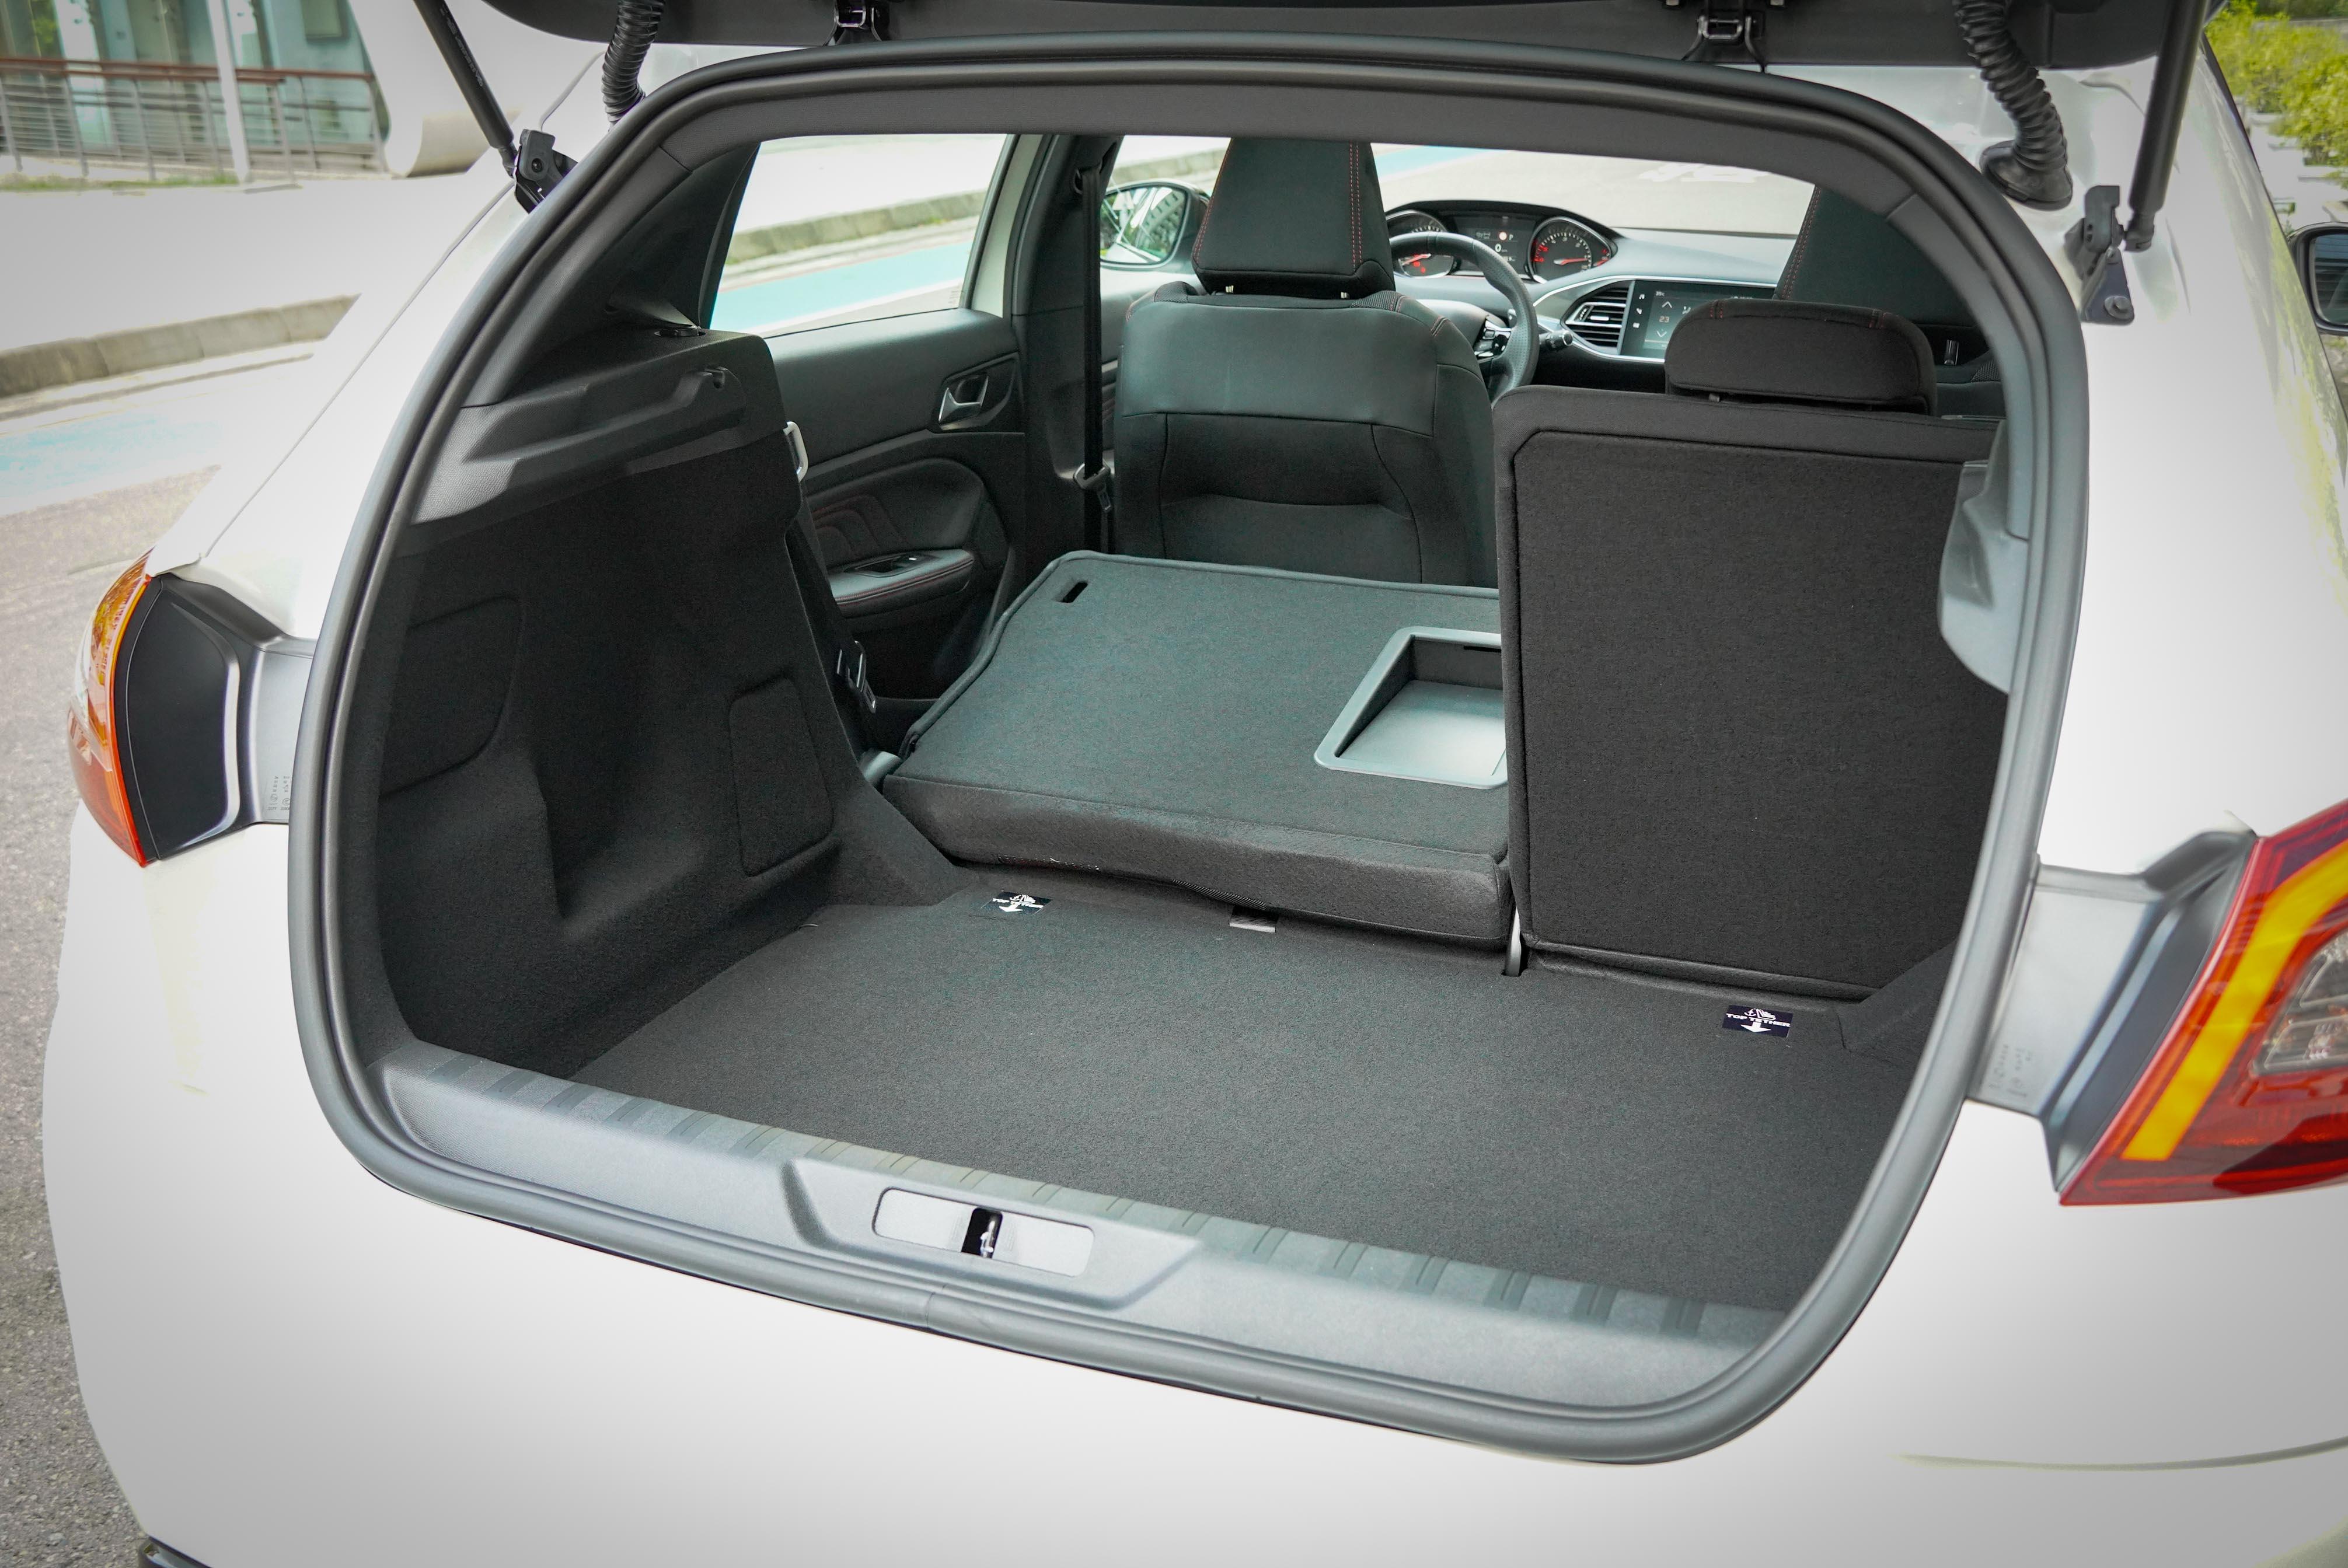 行李廂提供 6/4 椅背傾倒功能,容積可變化於 470 與 1,309 公升。